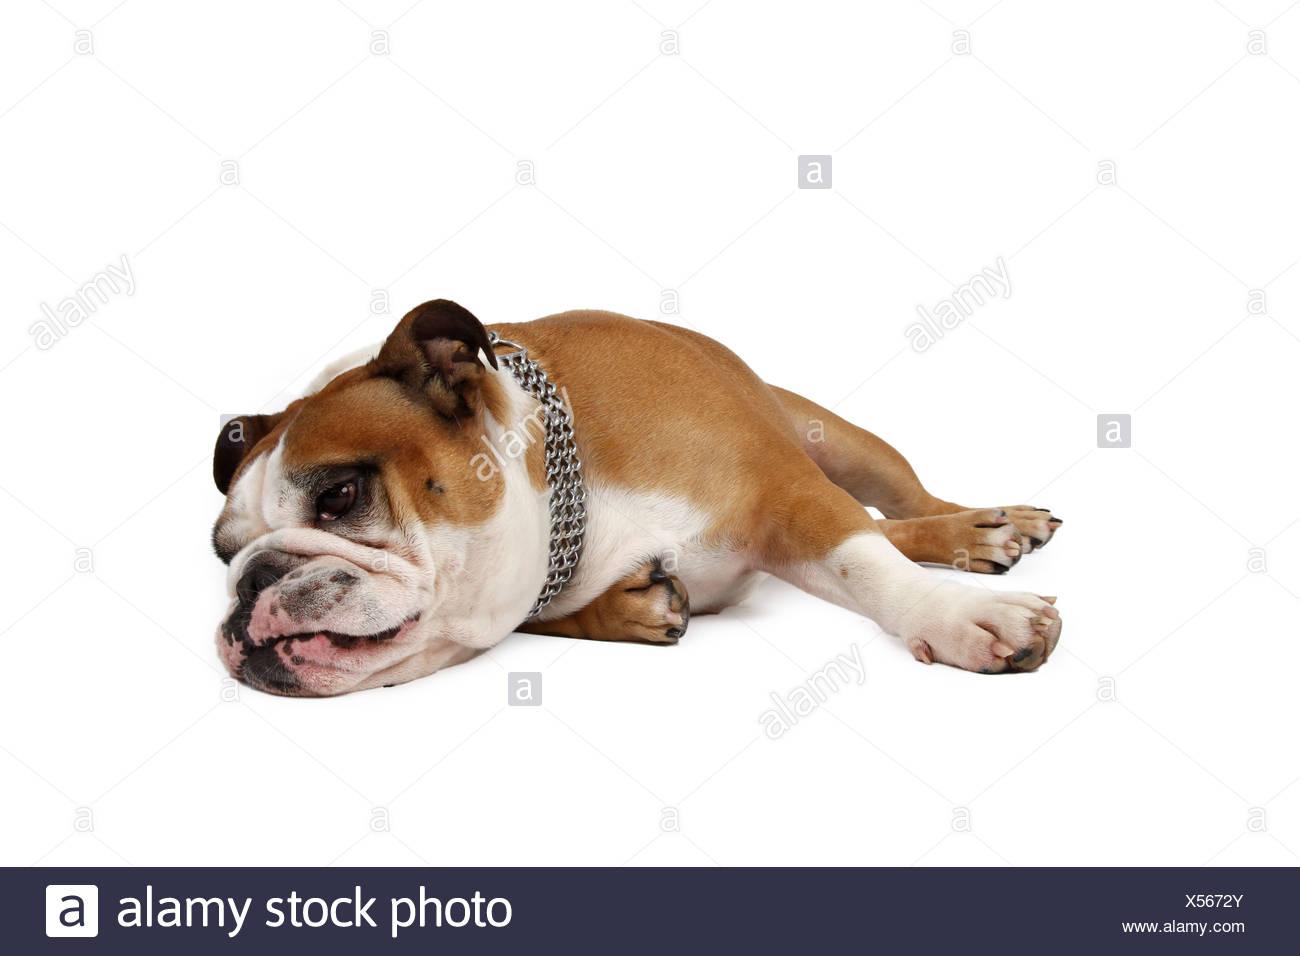 English bulldog (Canis lupus f. familiaris), lying on floor - Stock Image